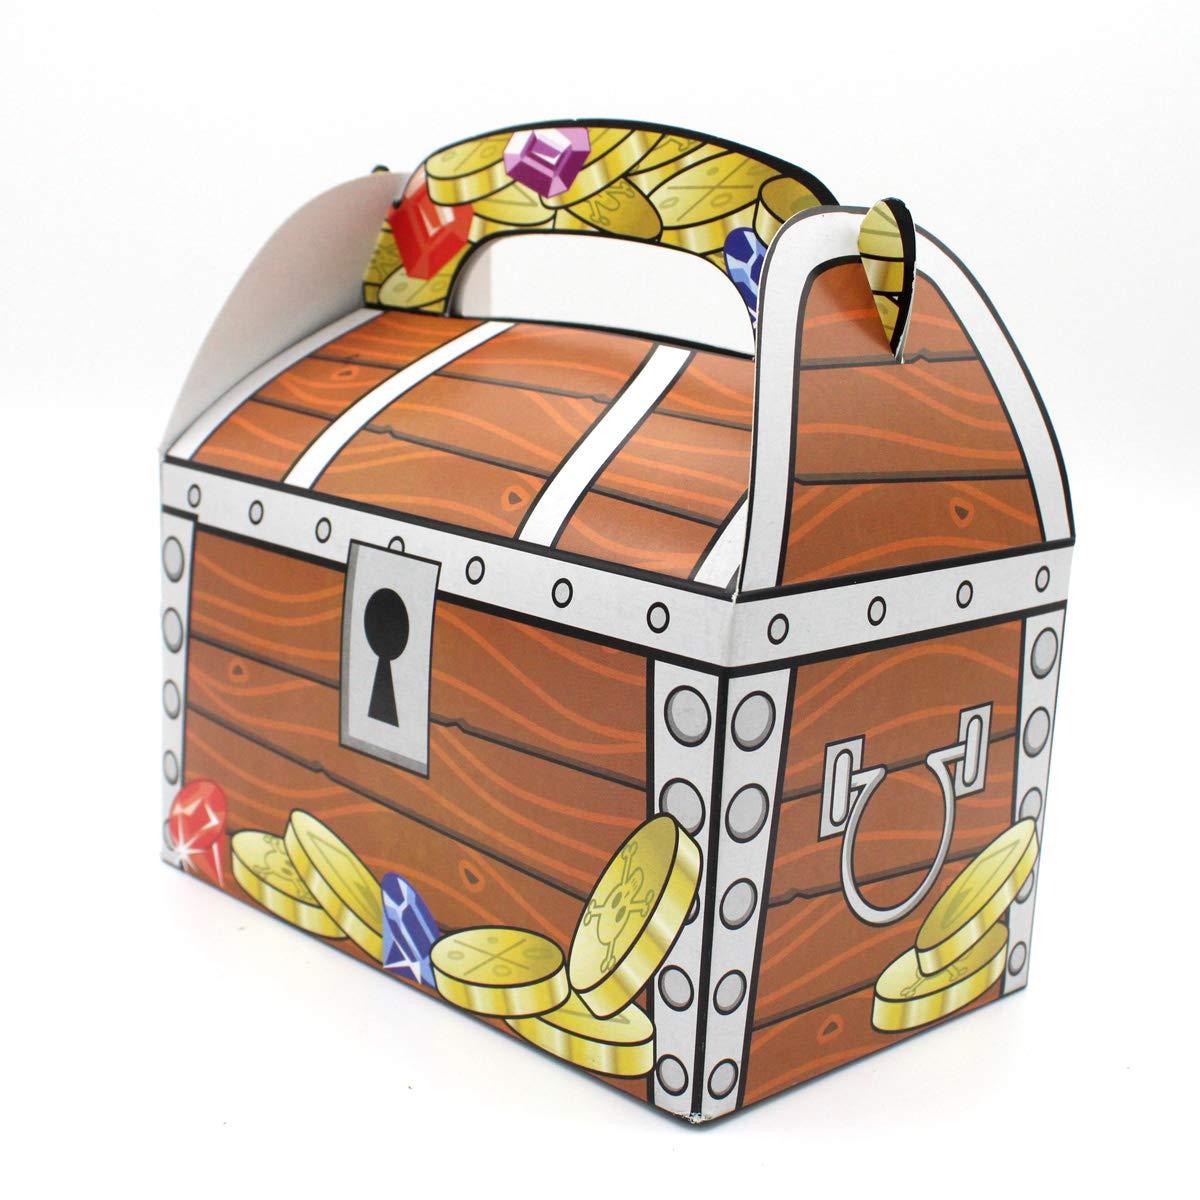 6 x Piratas Cofre del Tesoro del tesoro cajas bolsas obsequios regalo etüten Niños Cumpleaños Giveaway del tesoro schnitzel Caza: Amazon.es: Juguetes y juegos